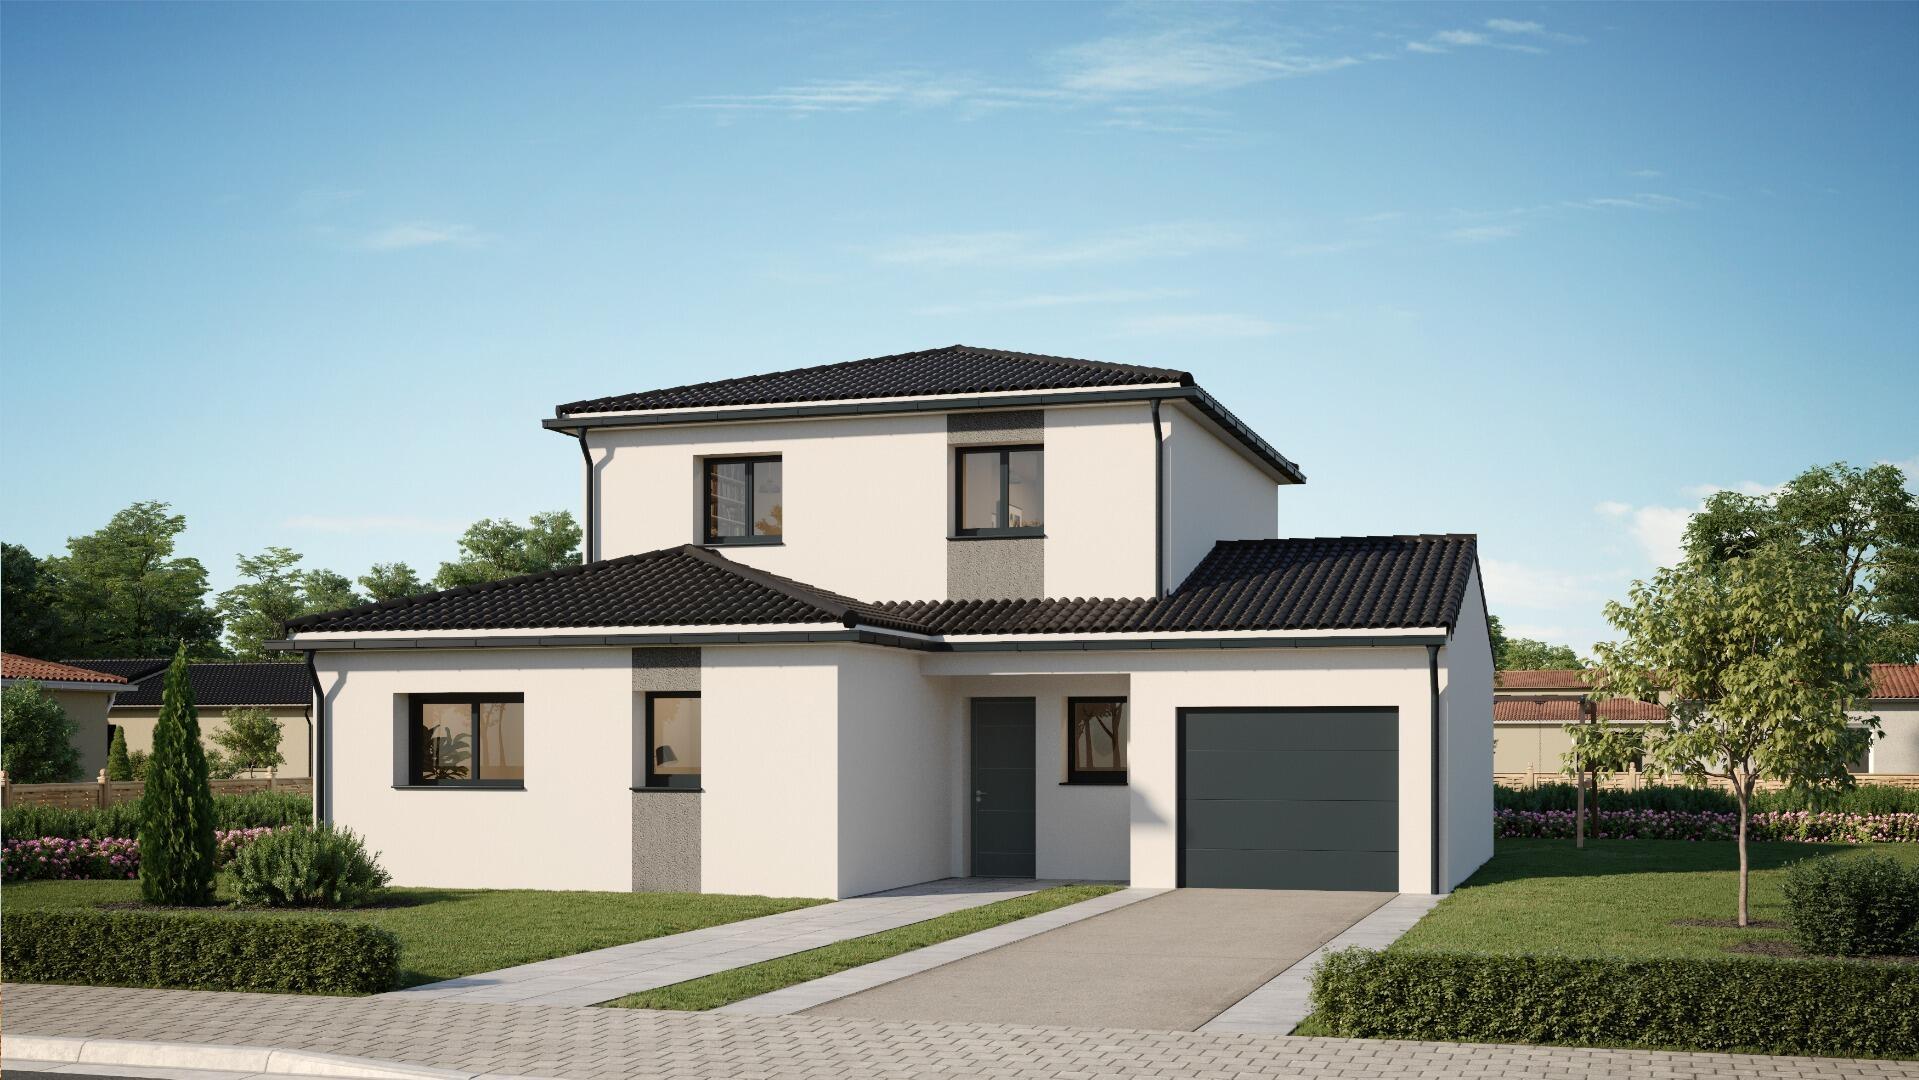 vente maison aubigny 85430